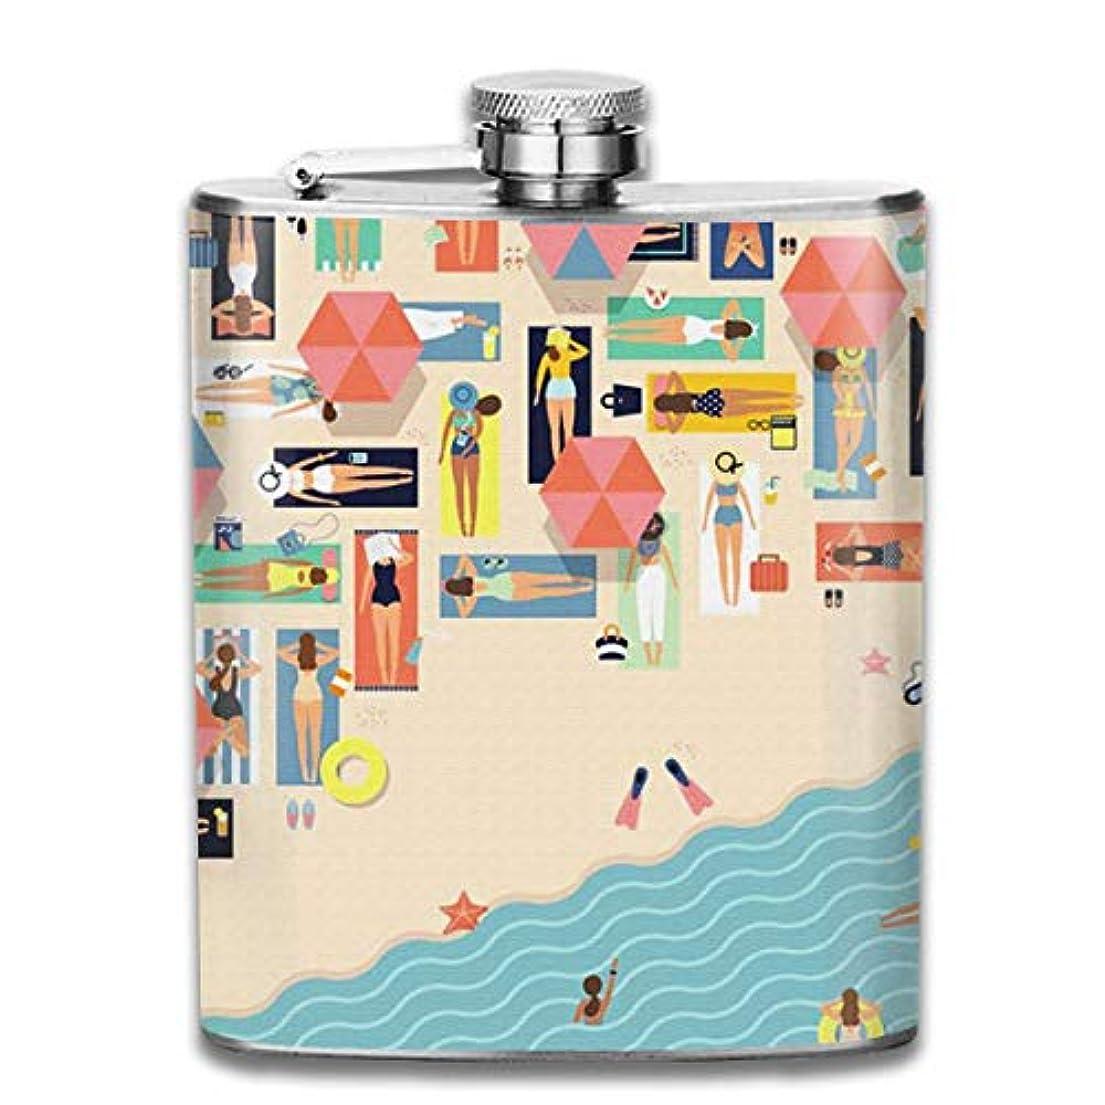 知性なめらか低い夏の砂浜フラスコ スキットル ヒップフラスコ 7オンス 206ml 高品質ステンレス製 ウイスキー アルコール 清酒 携帯 ボトル